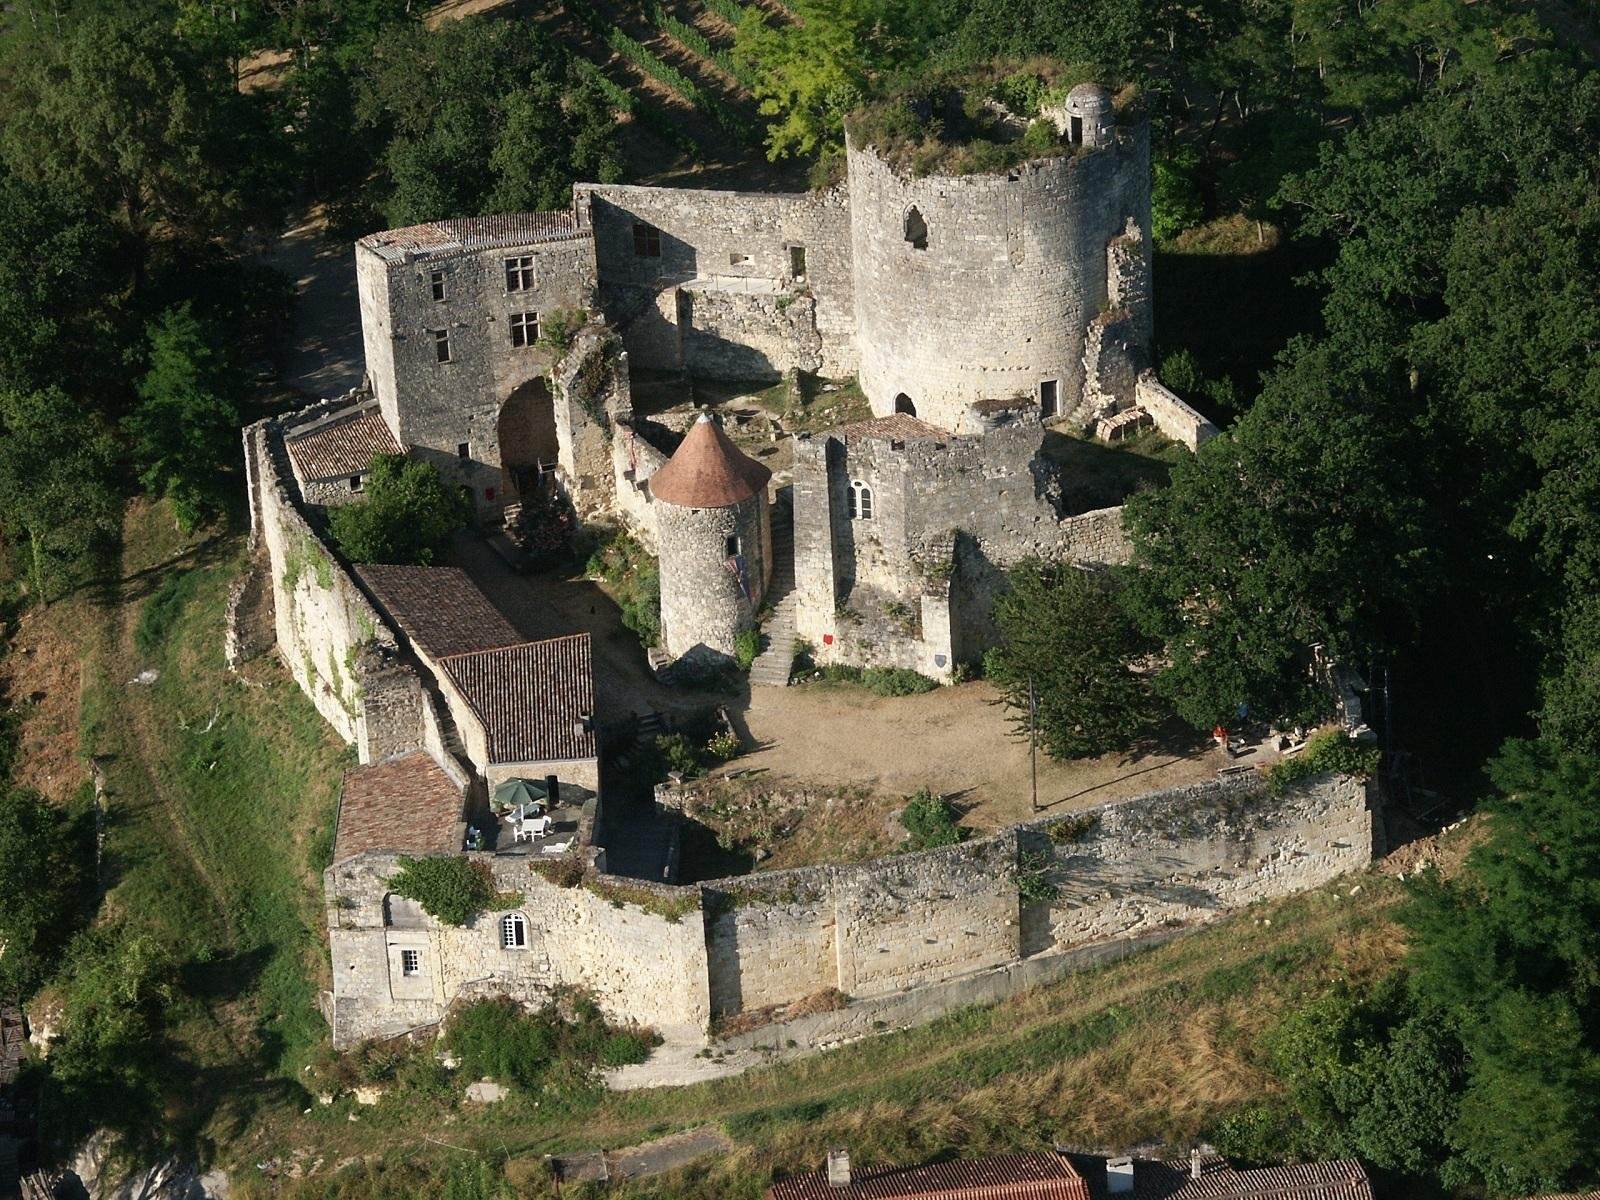 vue aérienne du chateau